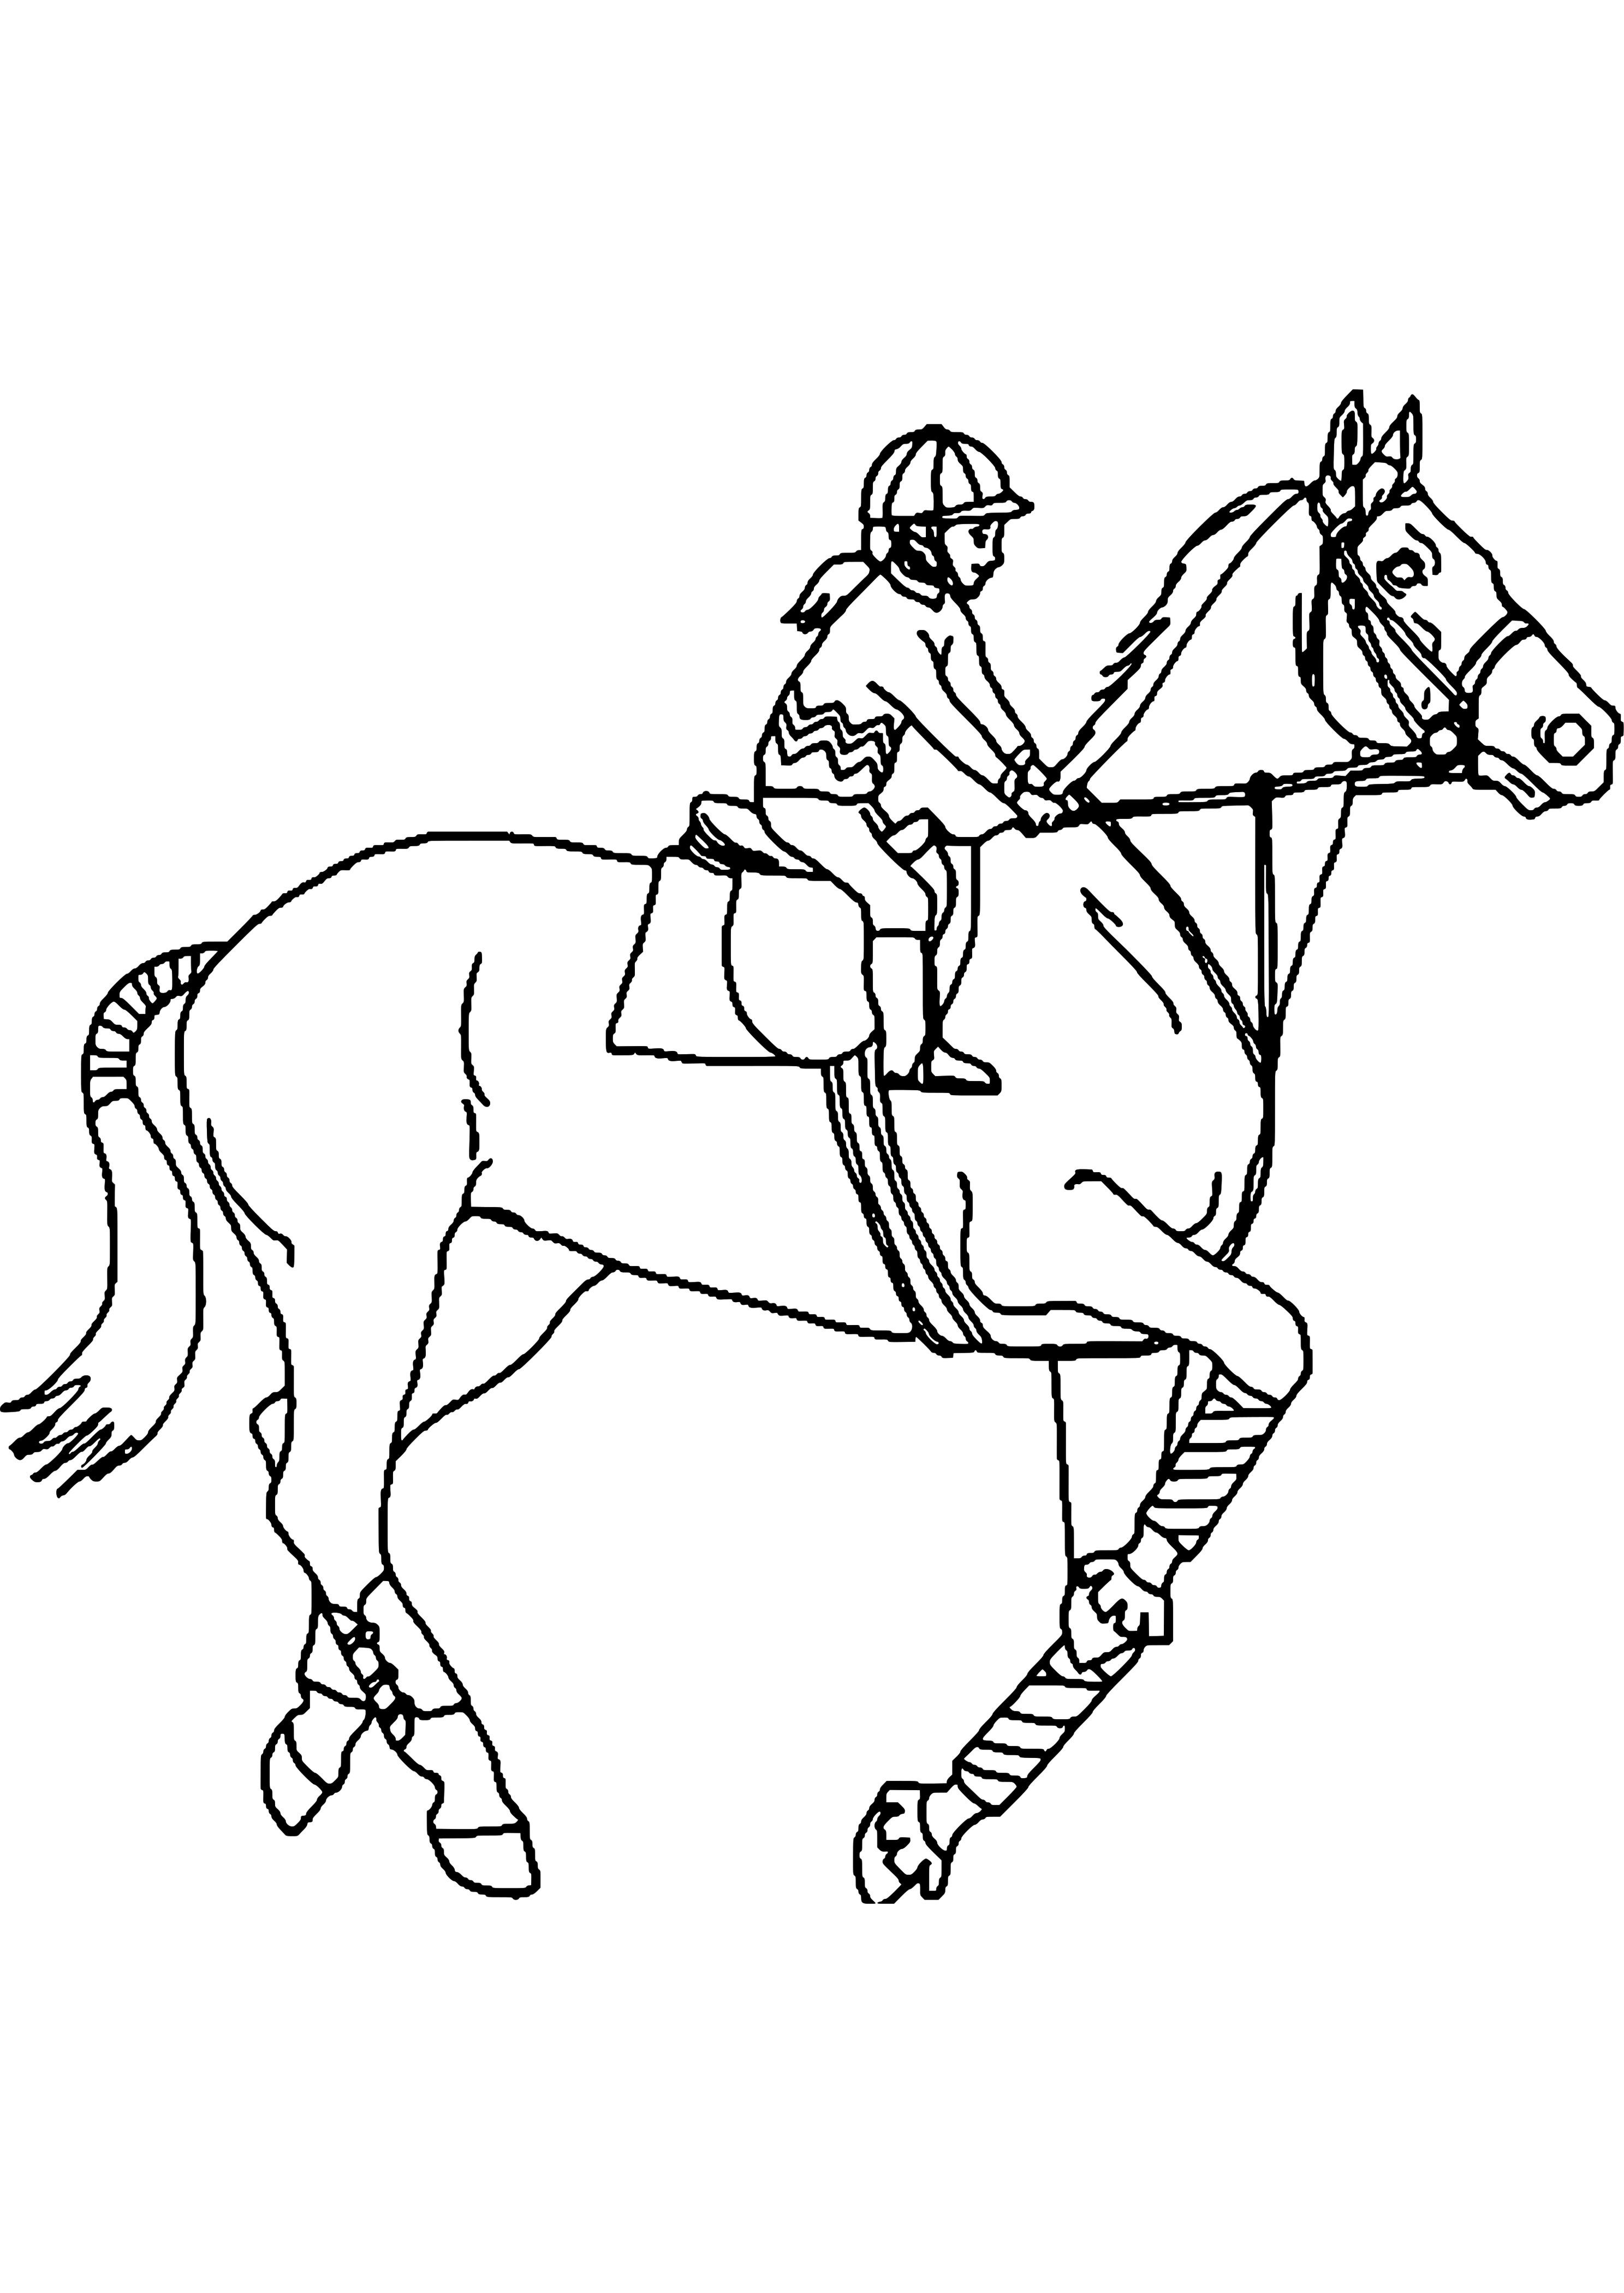 ausmalbilder pferde mit reiterin : malvorlage pferd mit